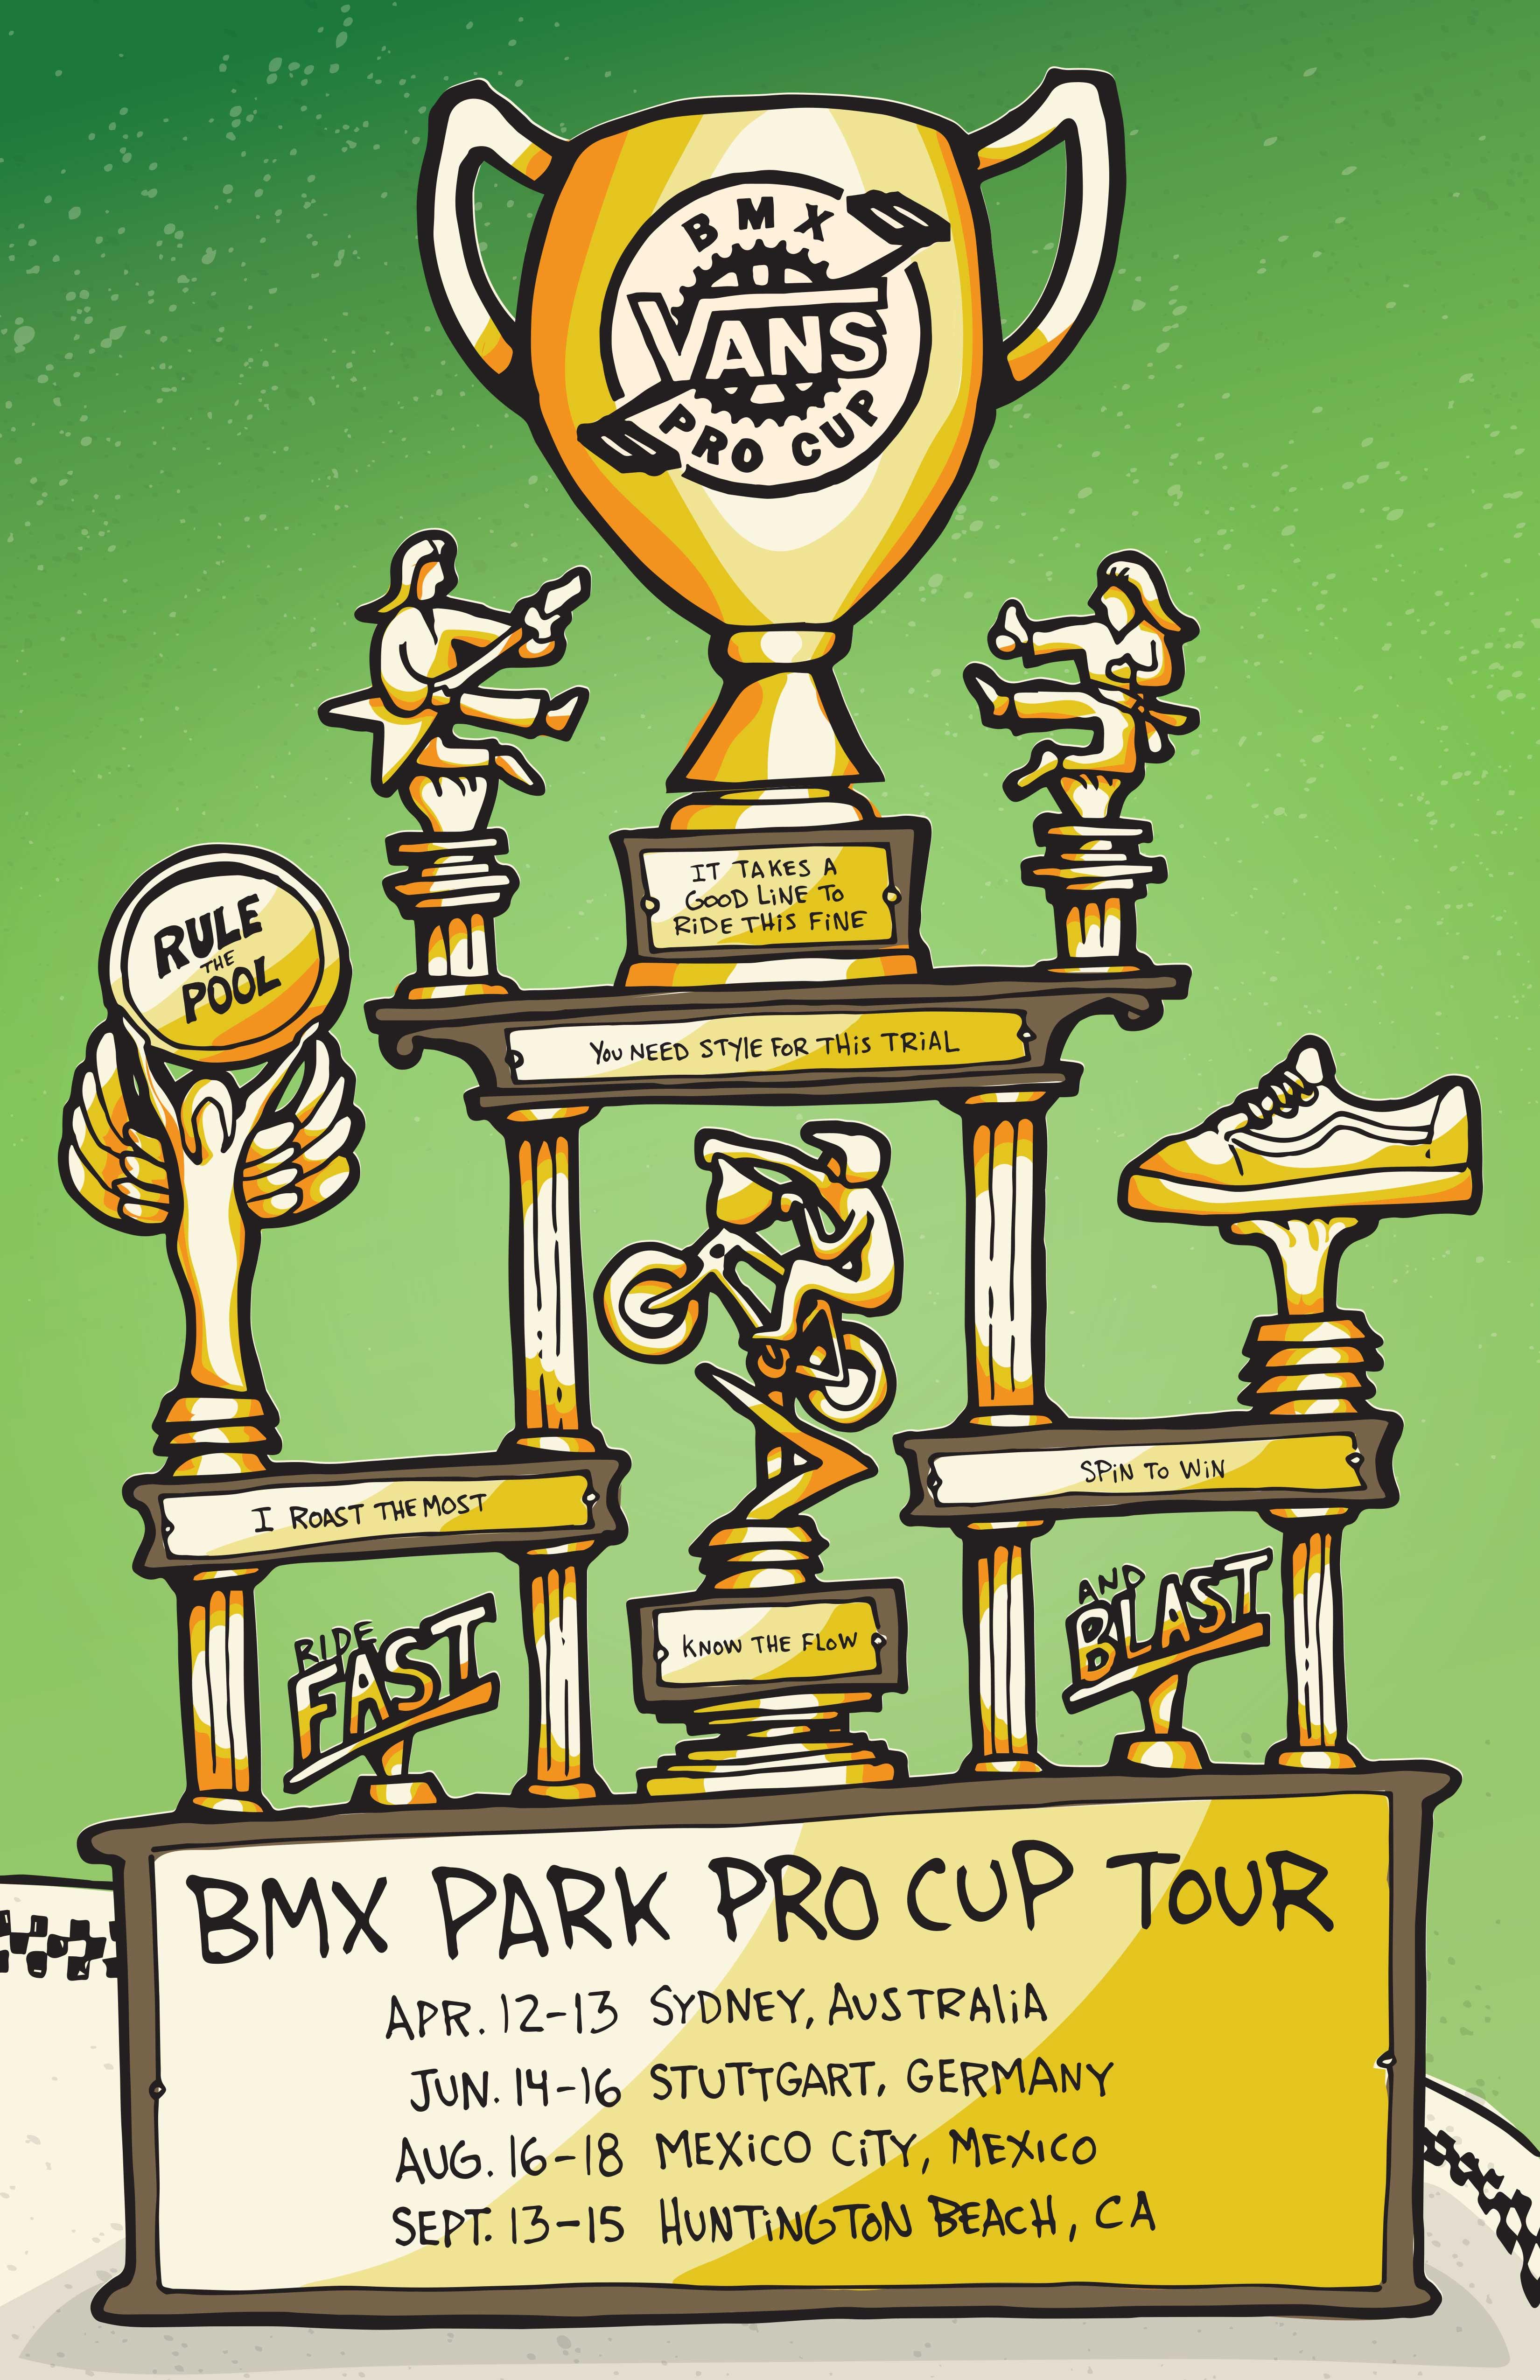 VANS BMX PRO CUP SERIES ANNOUNCES 2019 PRO TOUR SCHEDULE